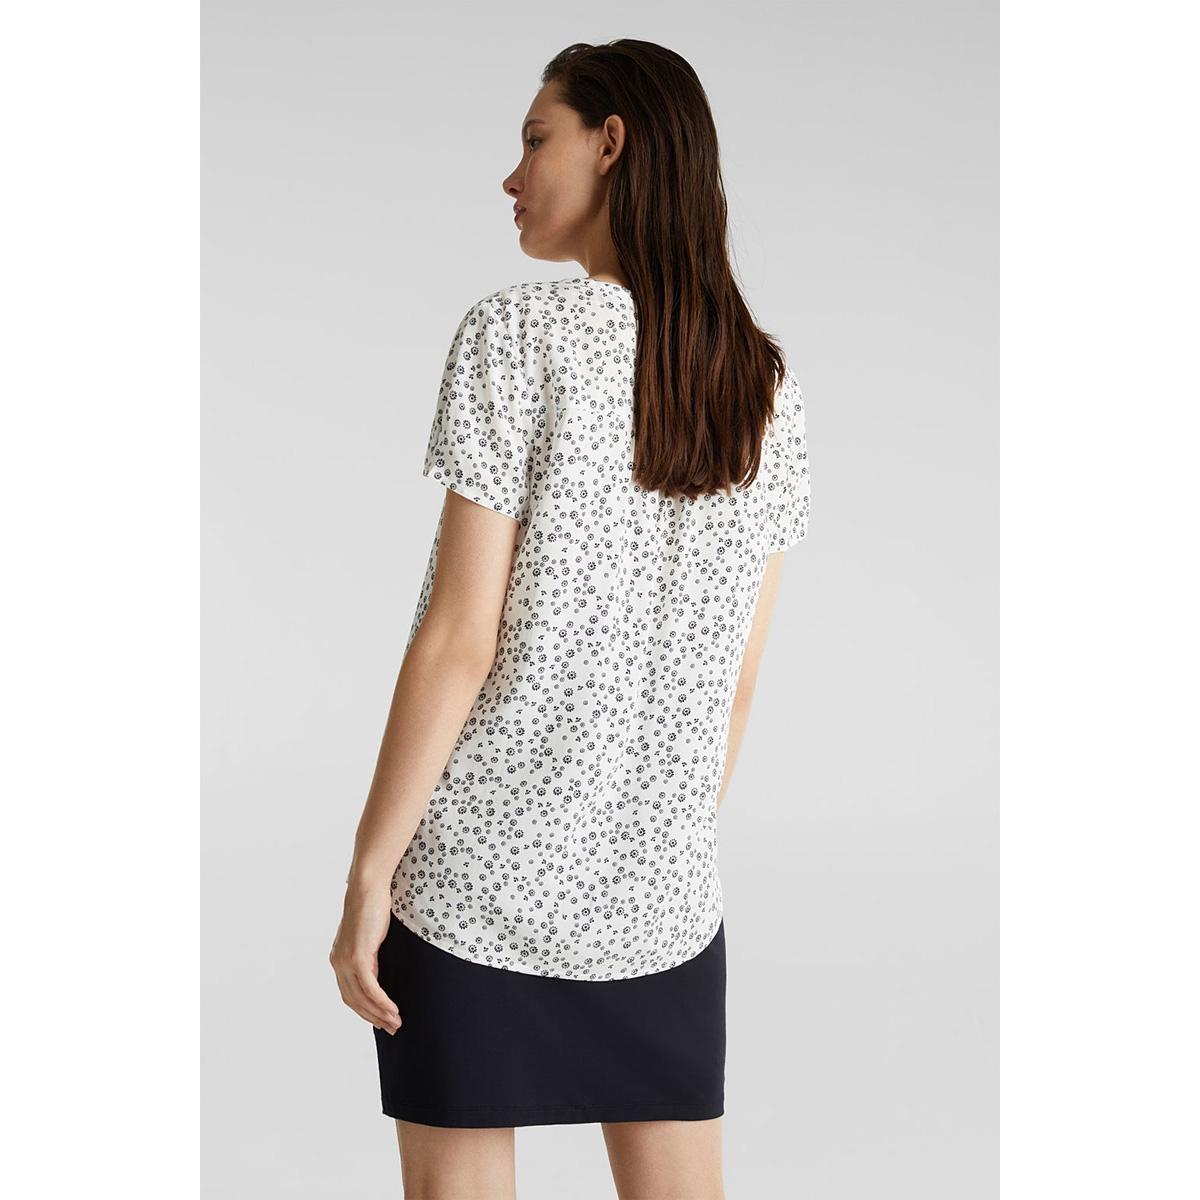 blouse met bloemen print 040ee1f338 esprit t-shirt e113